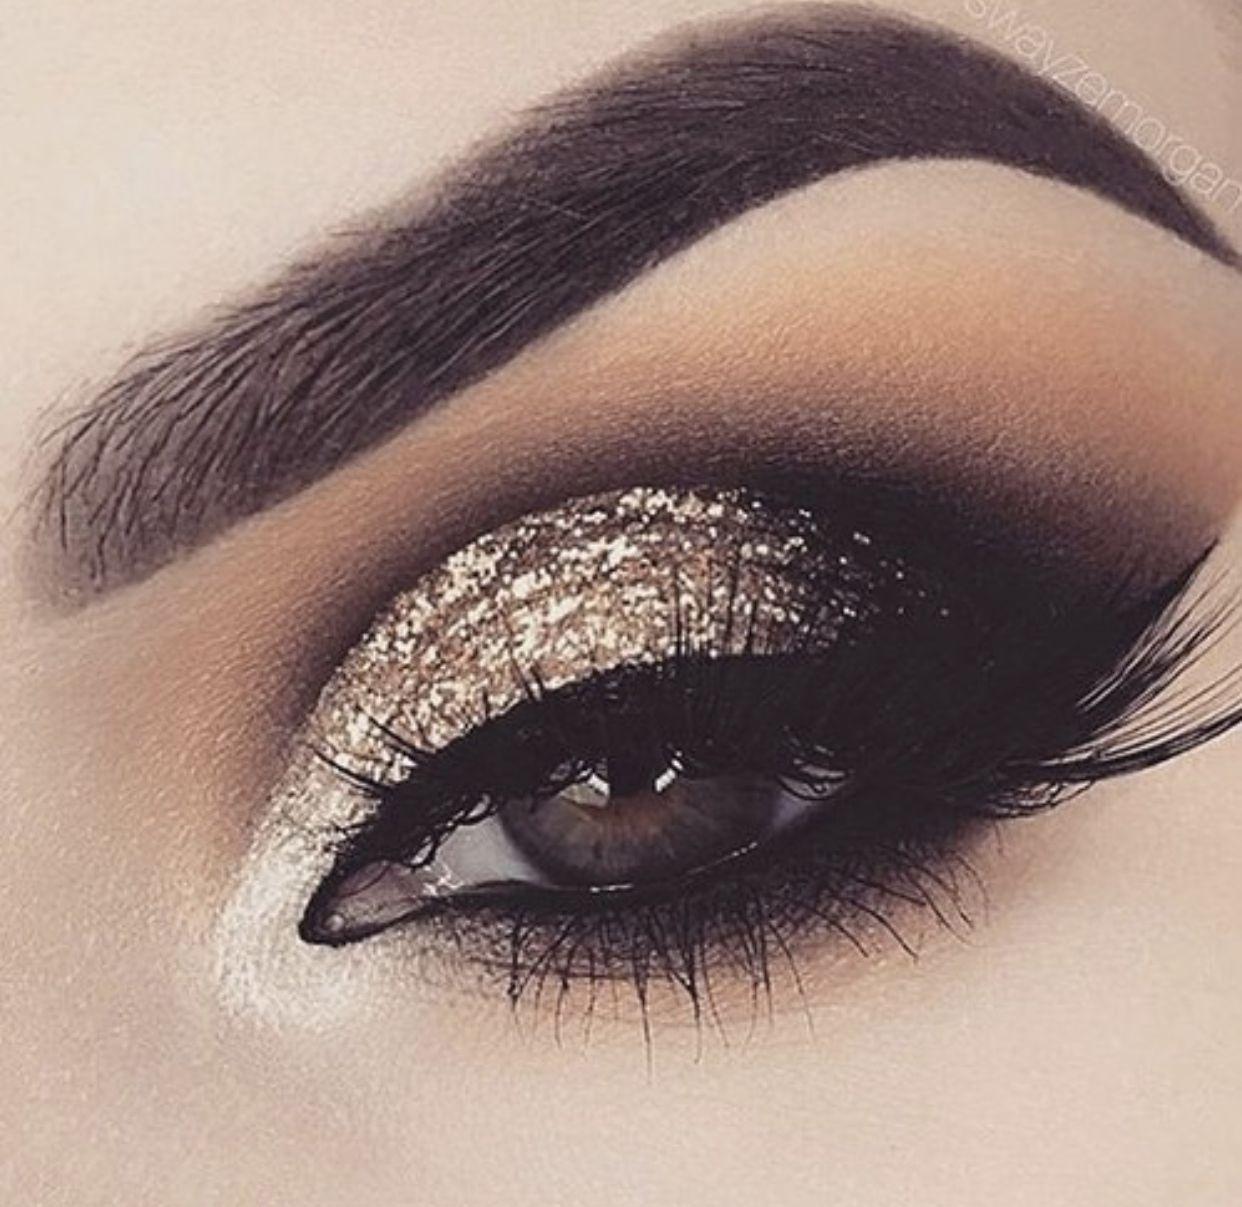 Sombra de ojos glam #browneyeshadow Heavy glam – mezcla de tonos marrones cálidos y fríos …